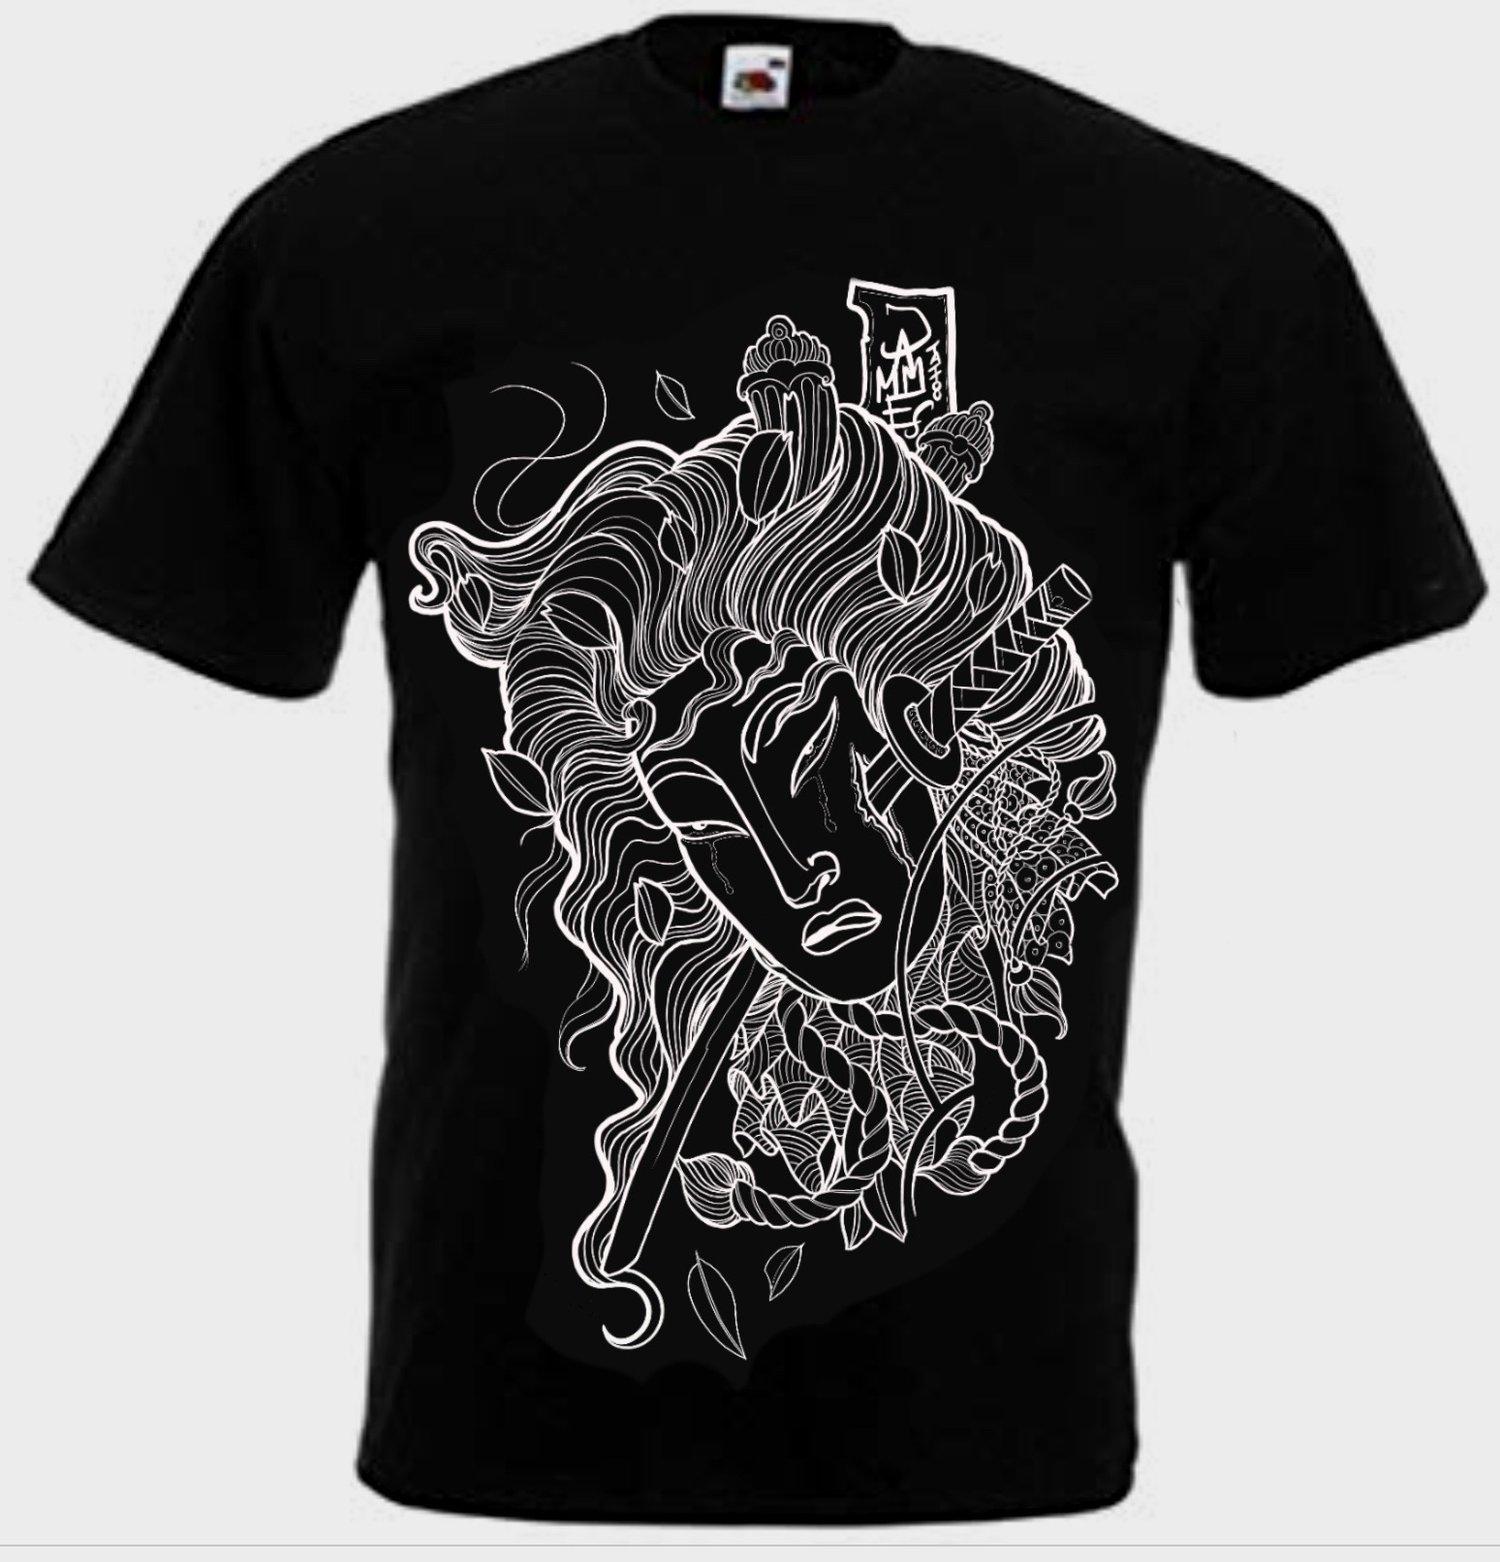 Jammes tattoo T-shirt